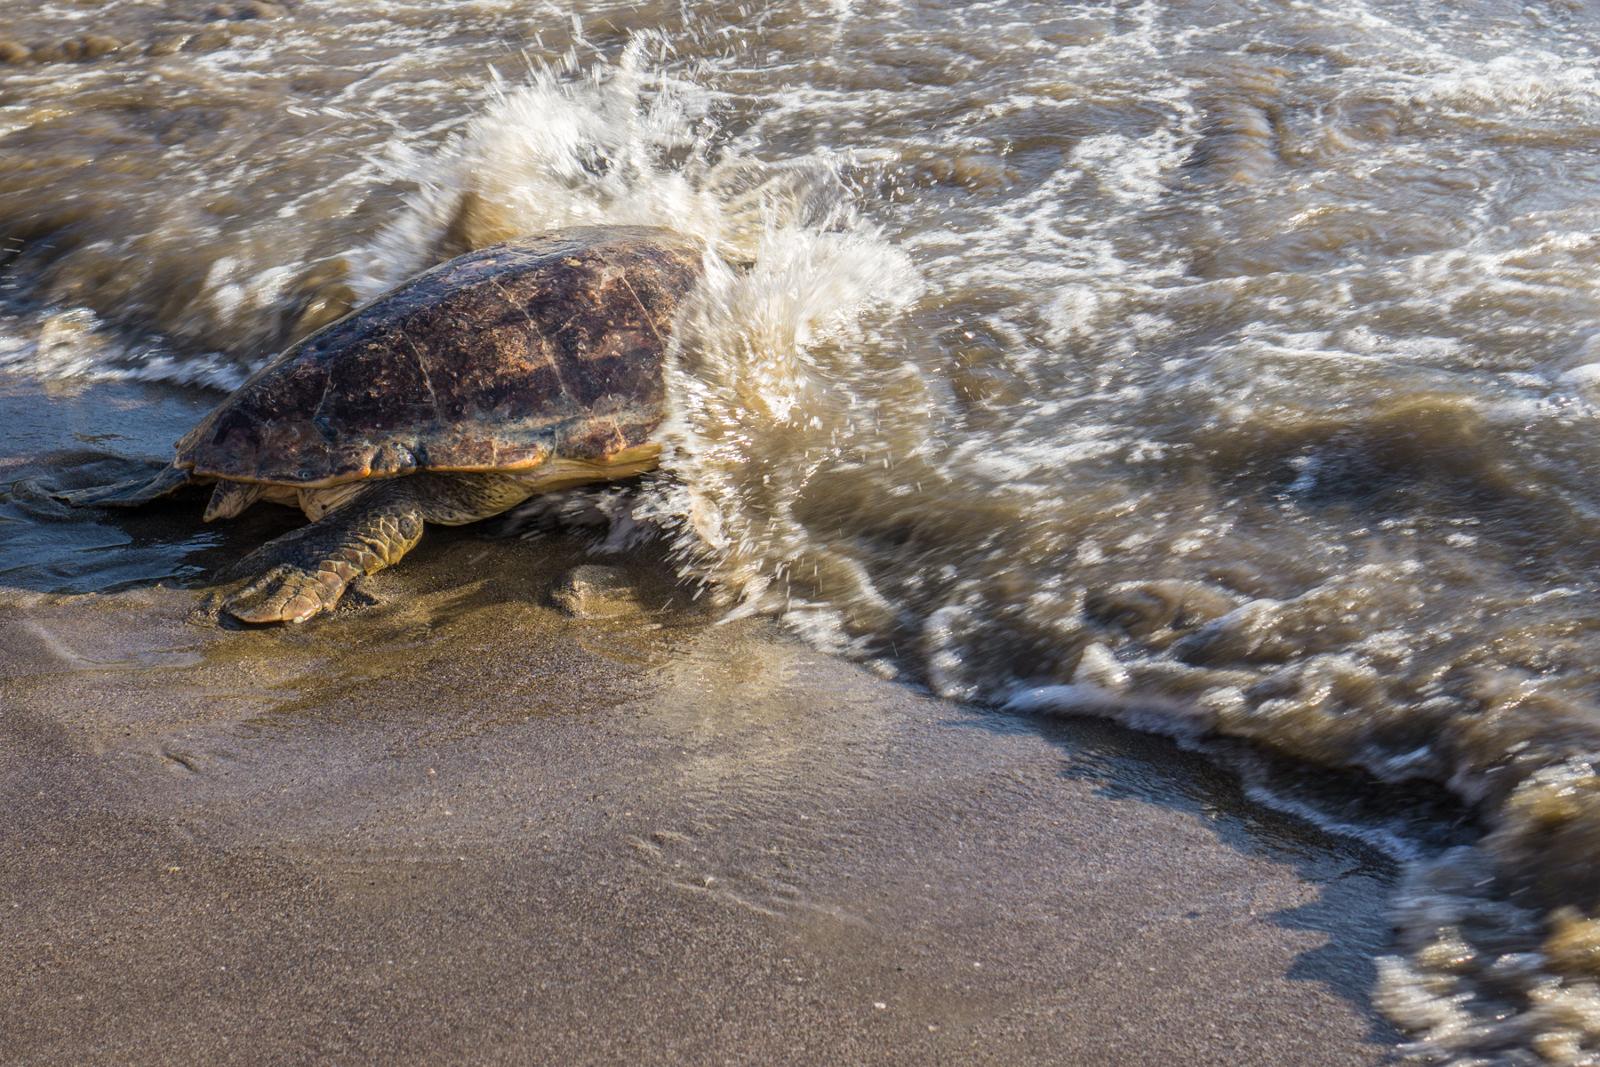 Bodensee-Overlander - Meeresschildkröten in der Türkei.